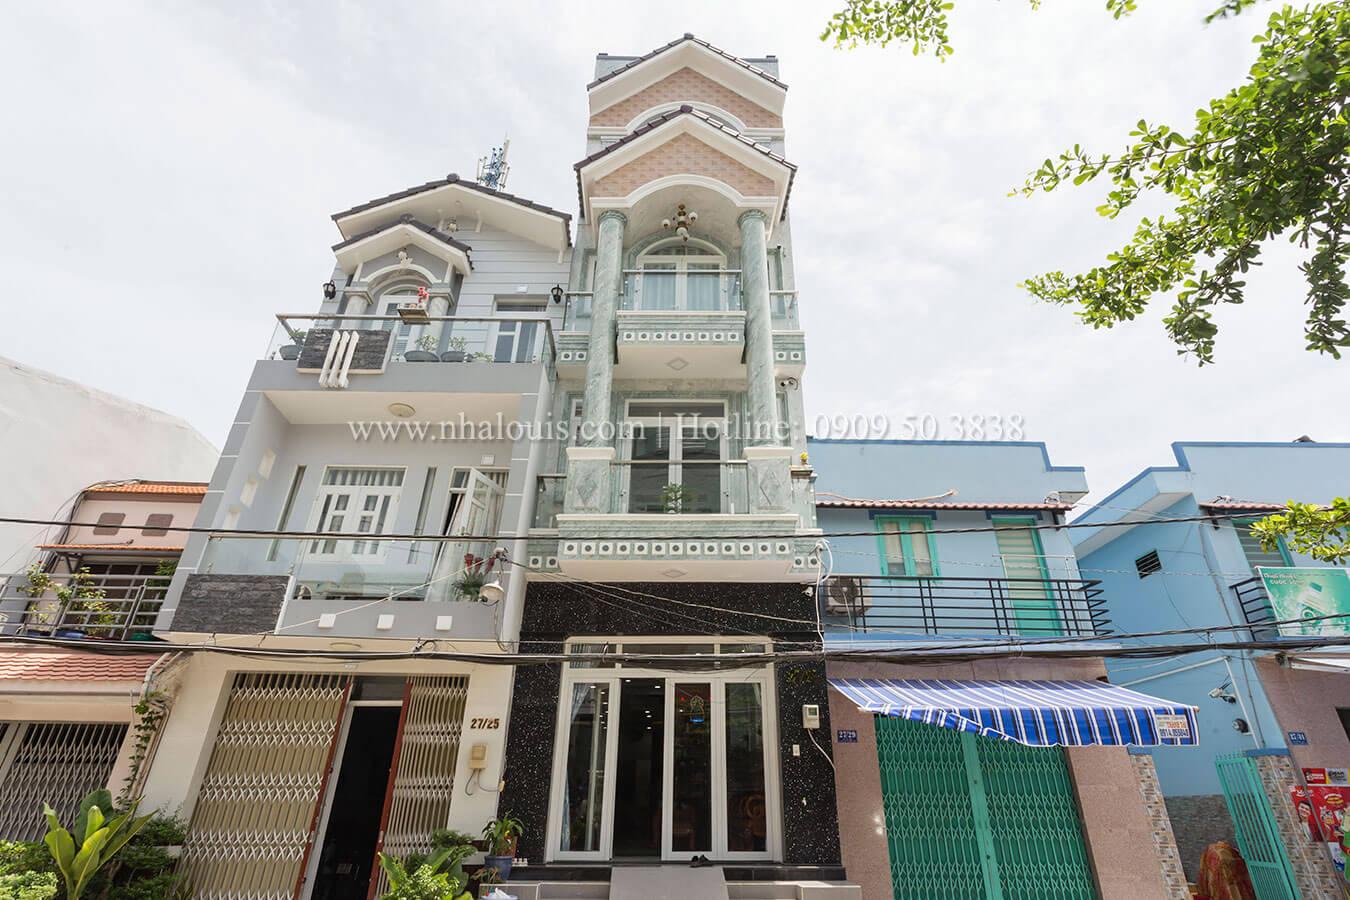 Ngắm mẫu nhà phố tân cổ điển đẹp sang trọng ở Bình Tân